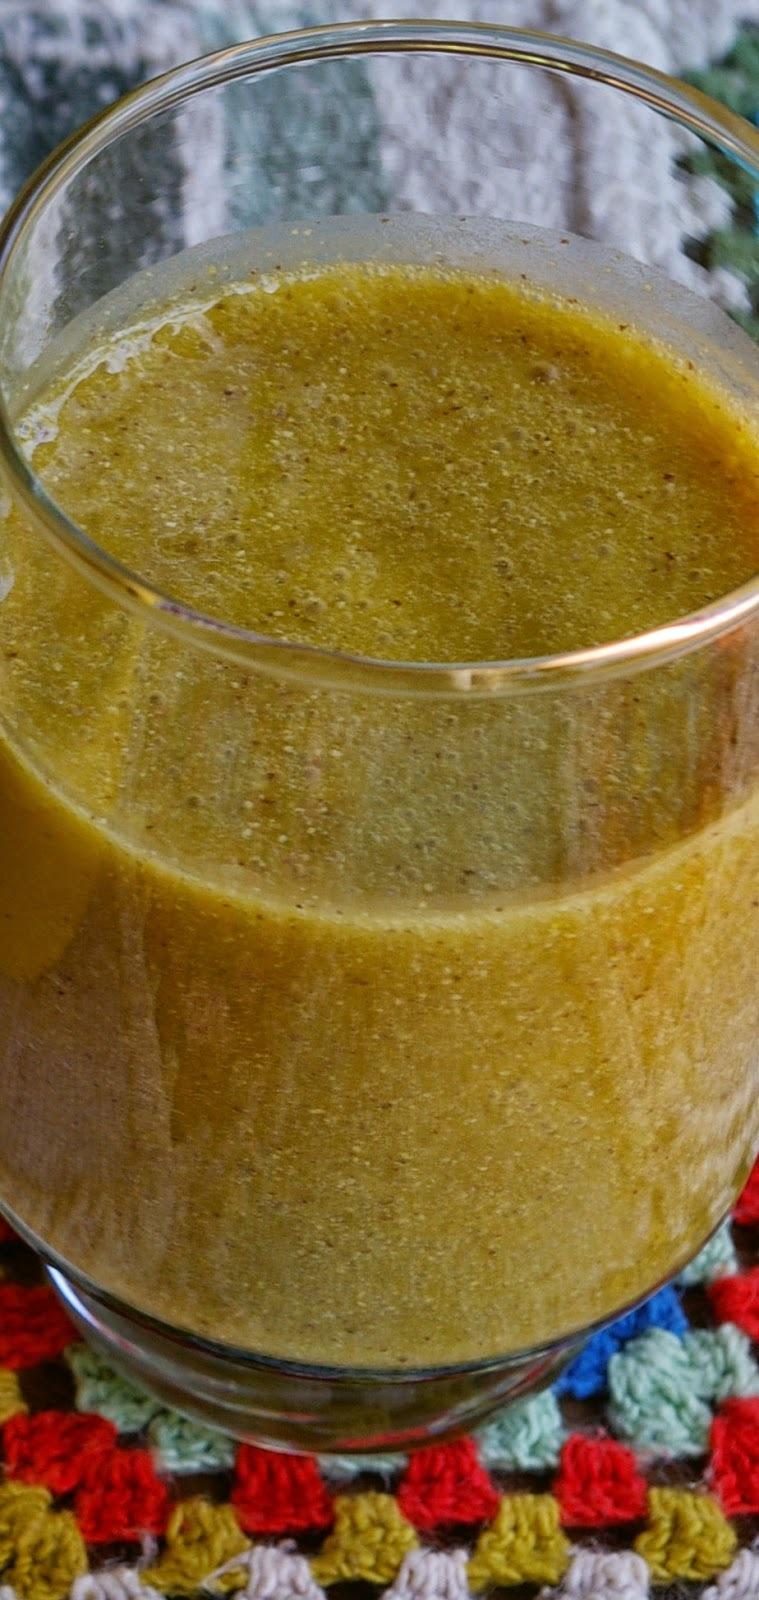 de abóbora cozida com água e açúcar